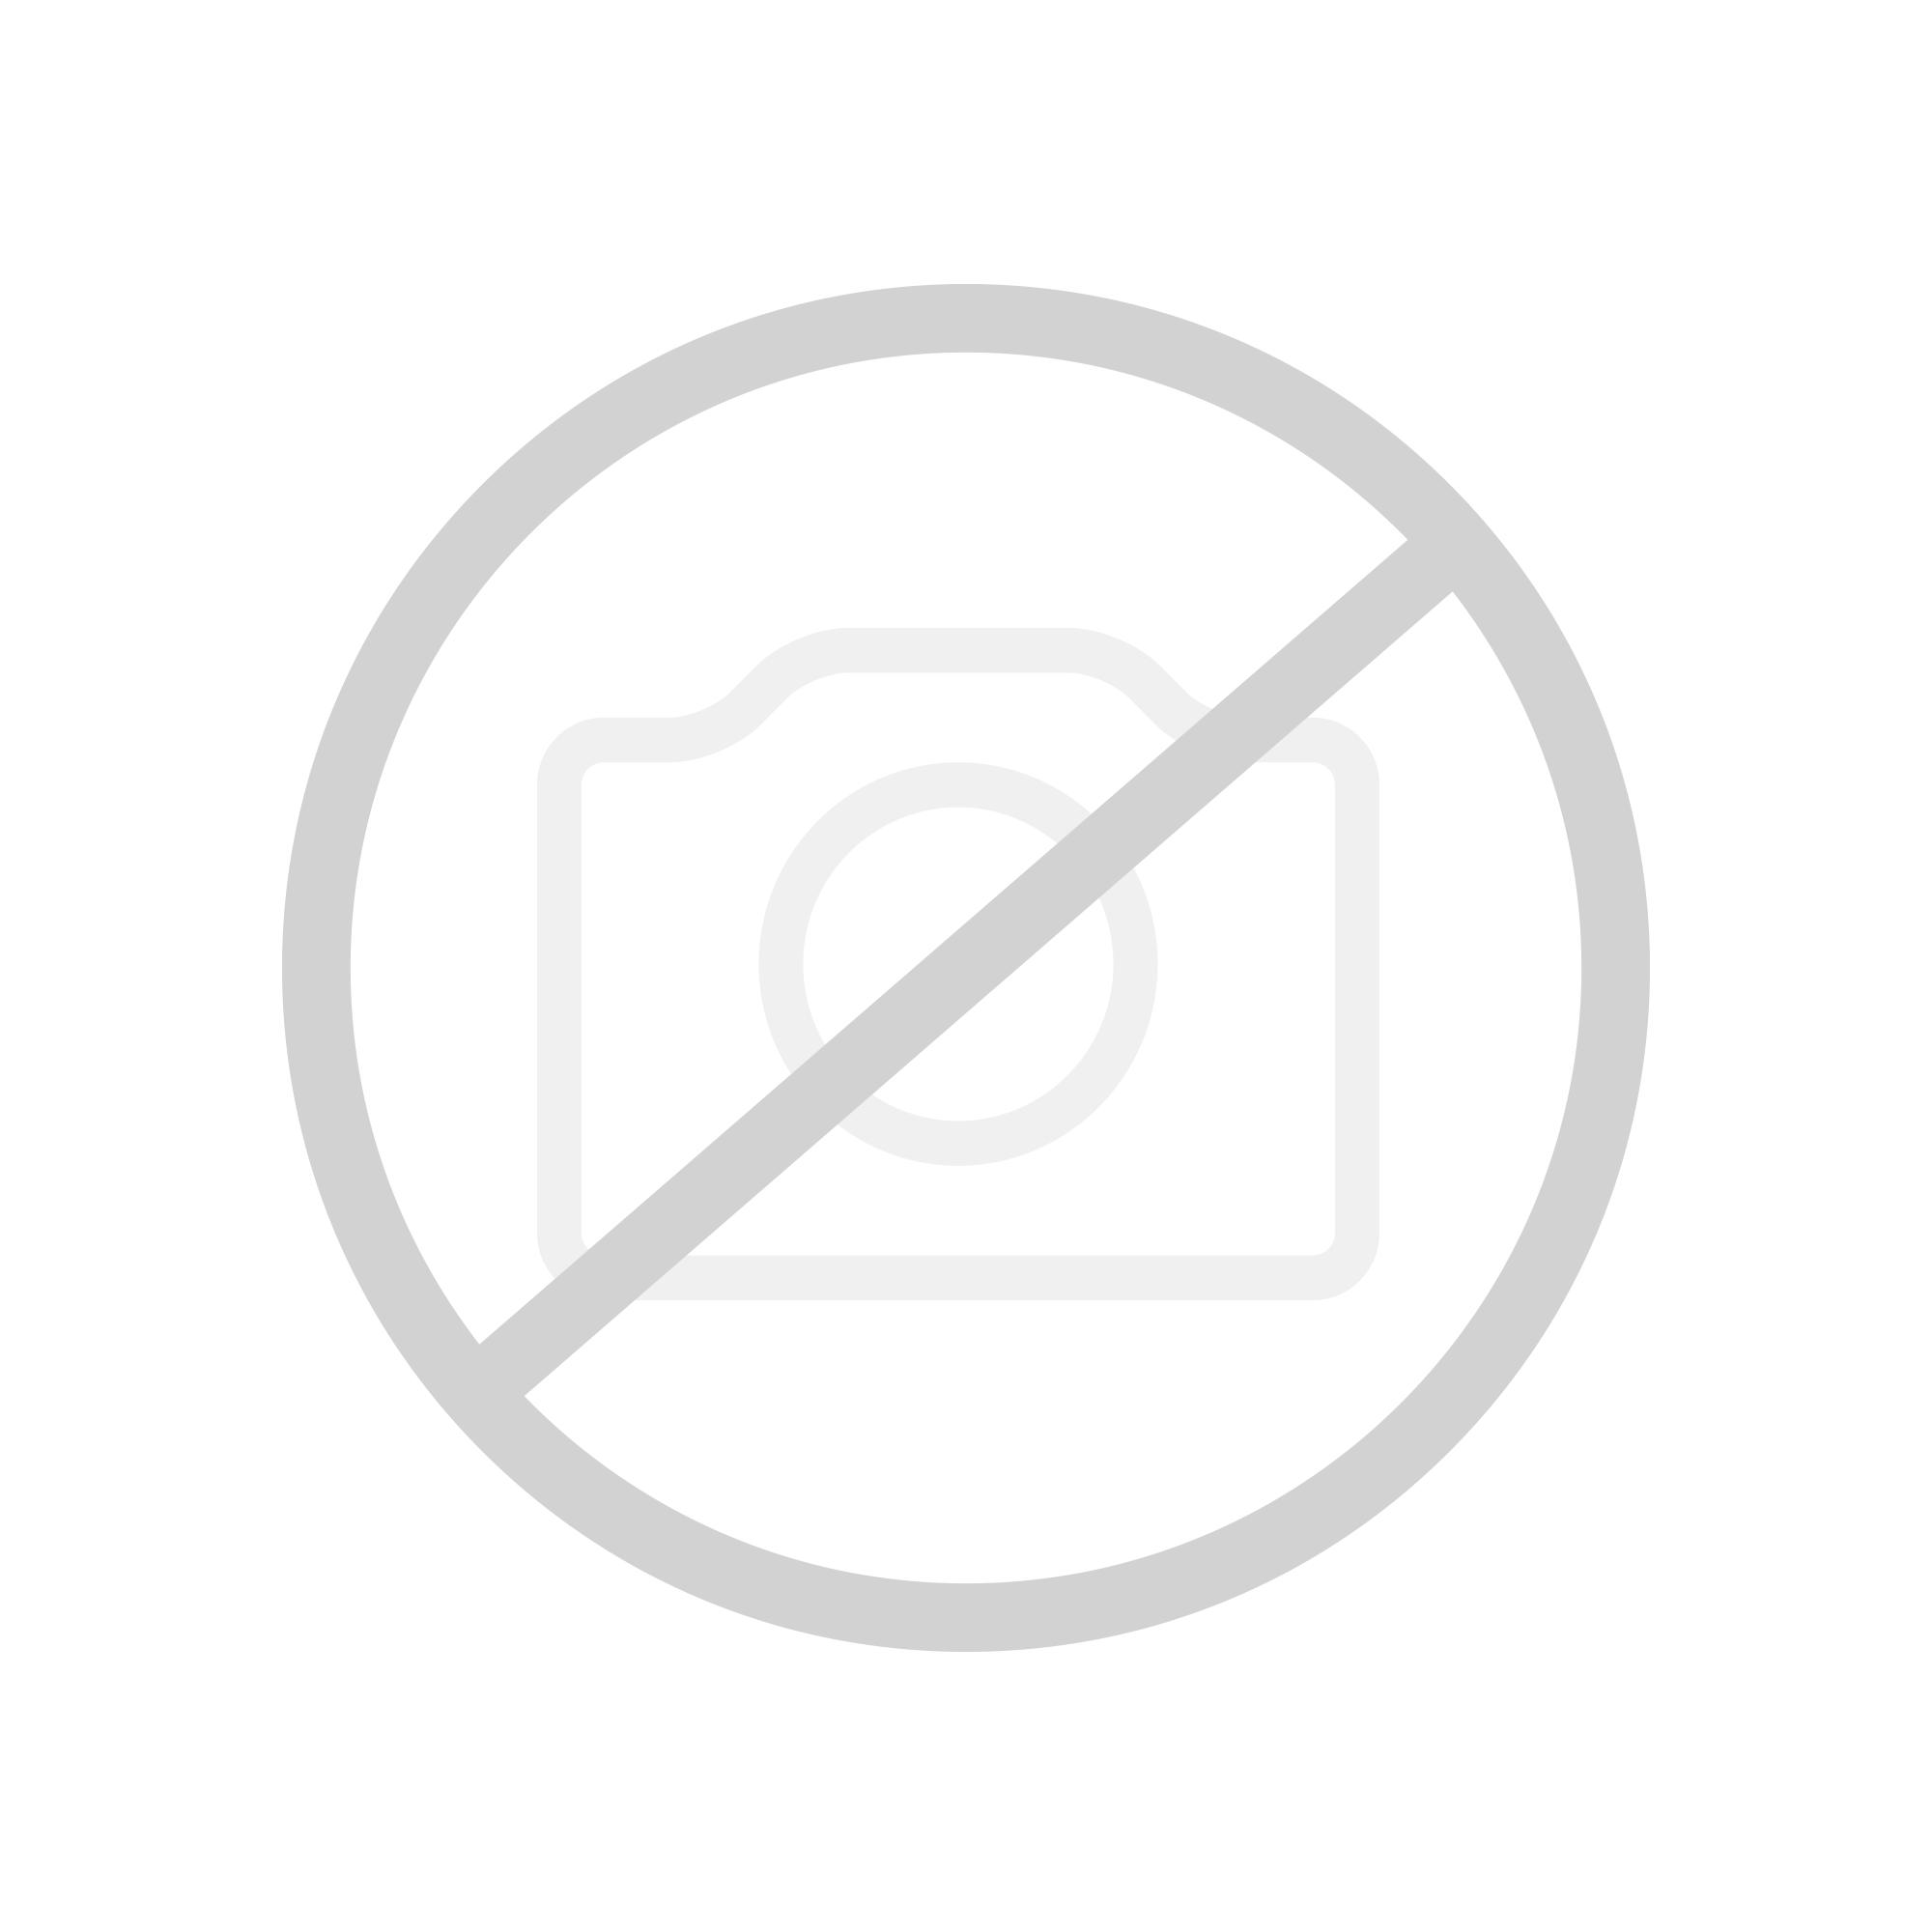 Duschwanne kaufen » Duschtassen jetzt günstiger bei REUTER | {Duschwanne flach preis 29}